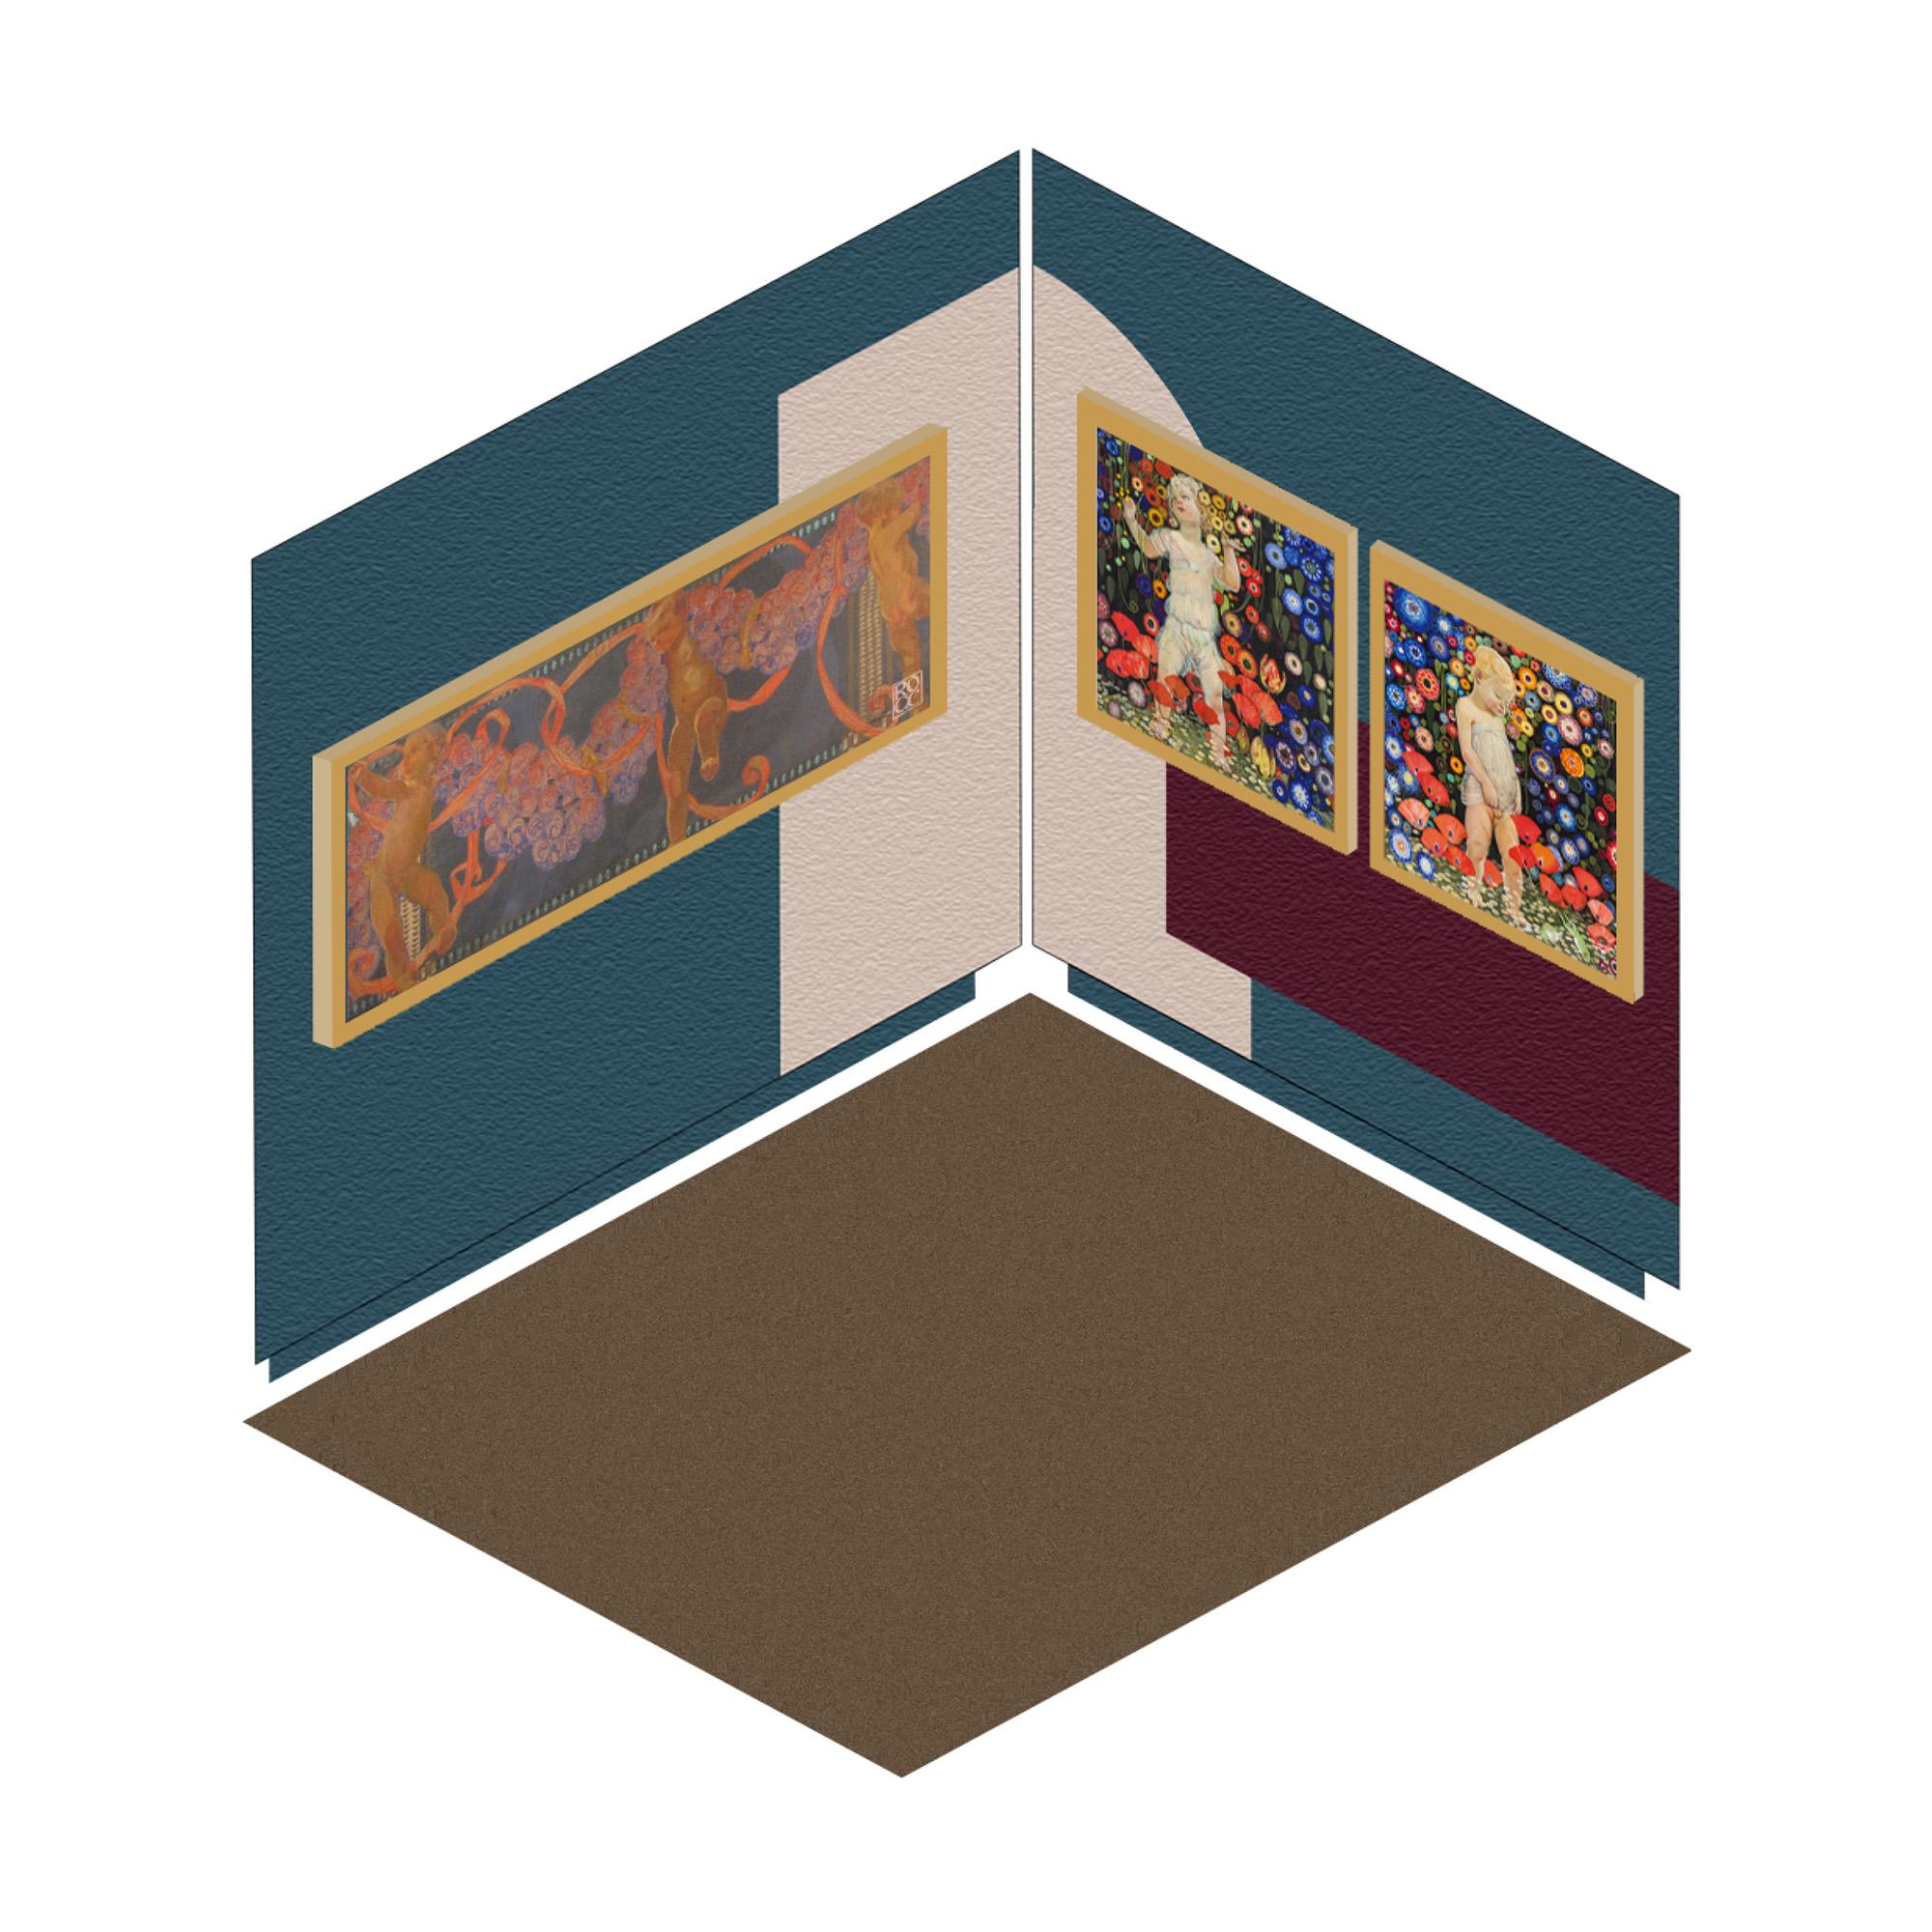 Palp, Orizzonti d'acqua, Galileo Chini, Deferrari Modesti